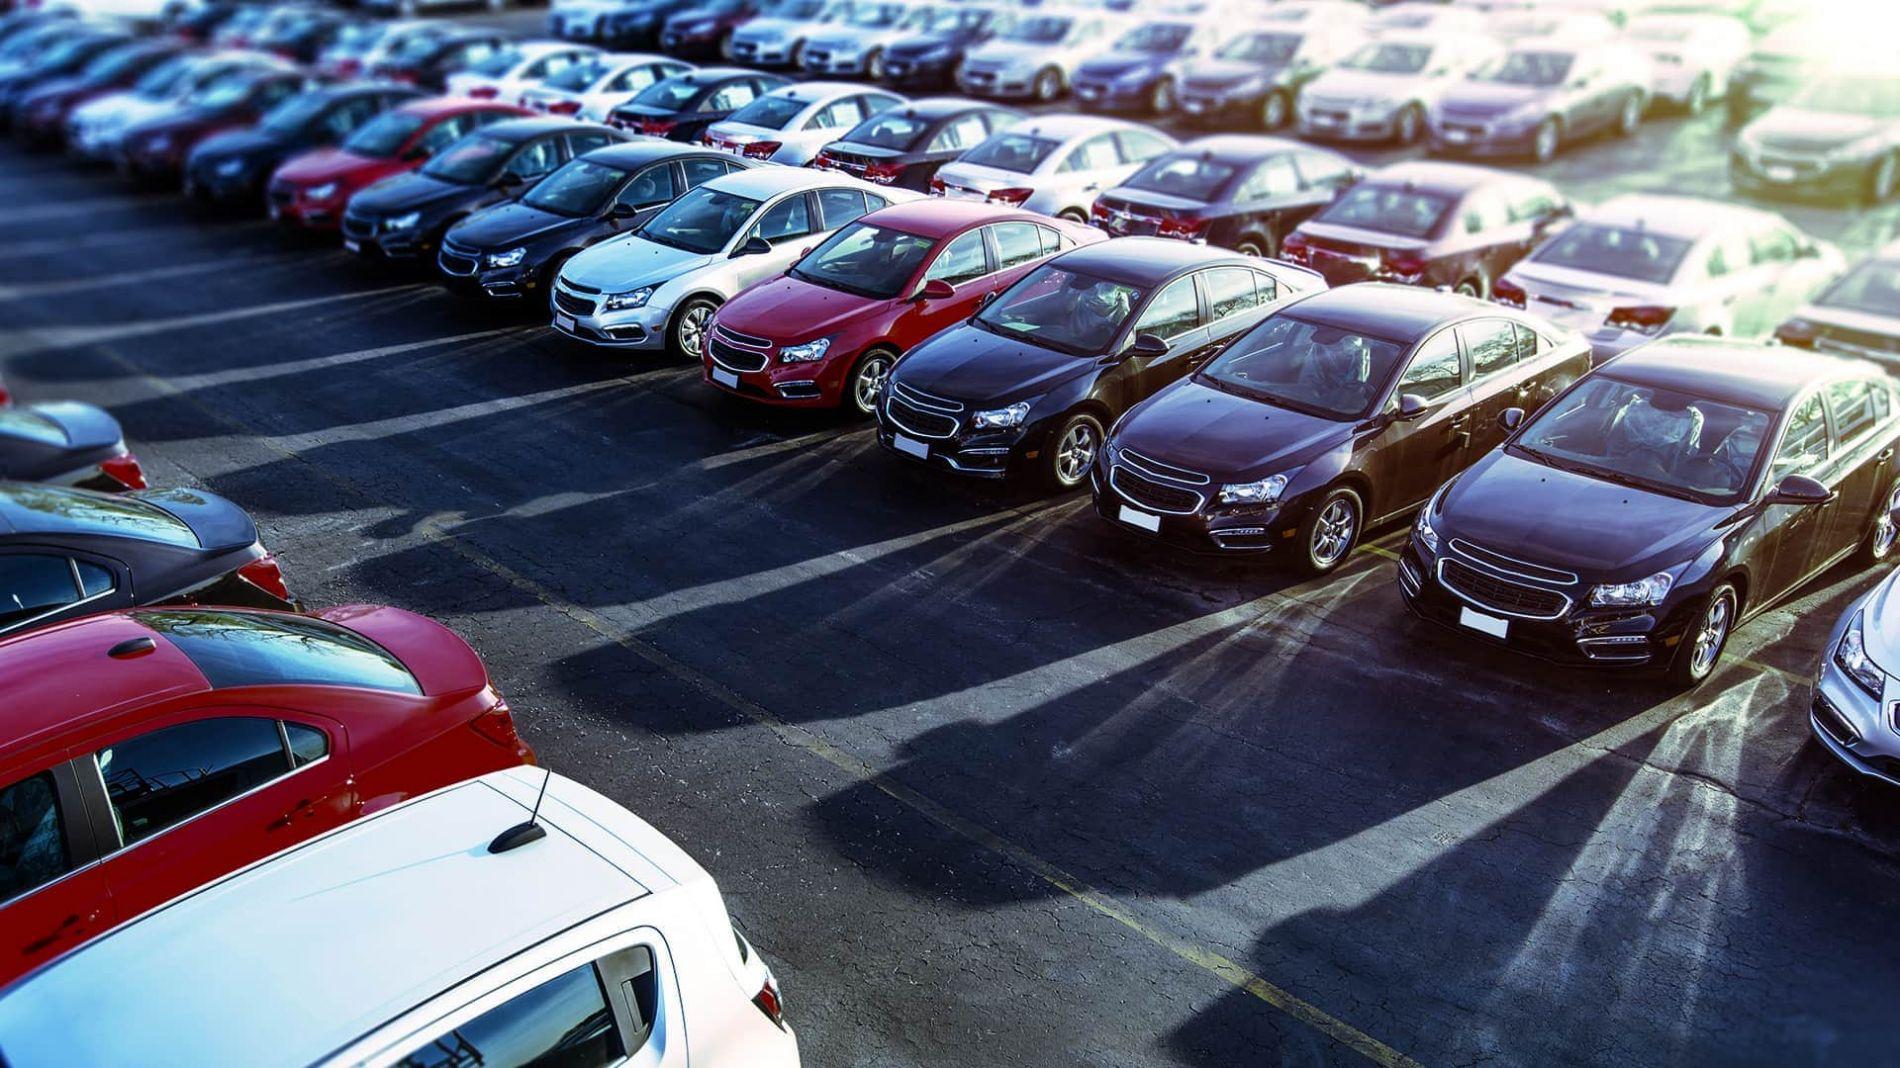 2020 წლის 1 მაისამდე შემოყვანილი ავტომობილების განბაჟების ვადა გახანგრძლივდა